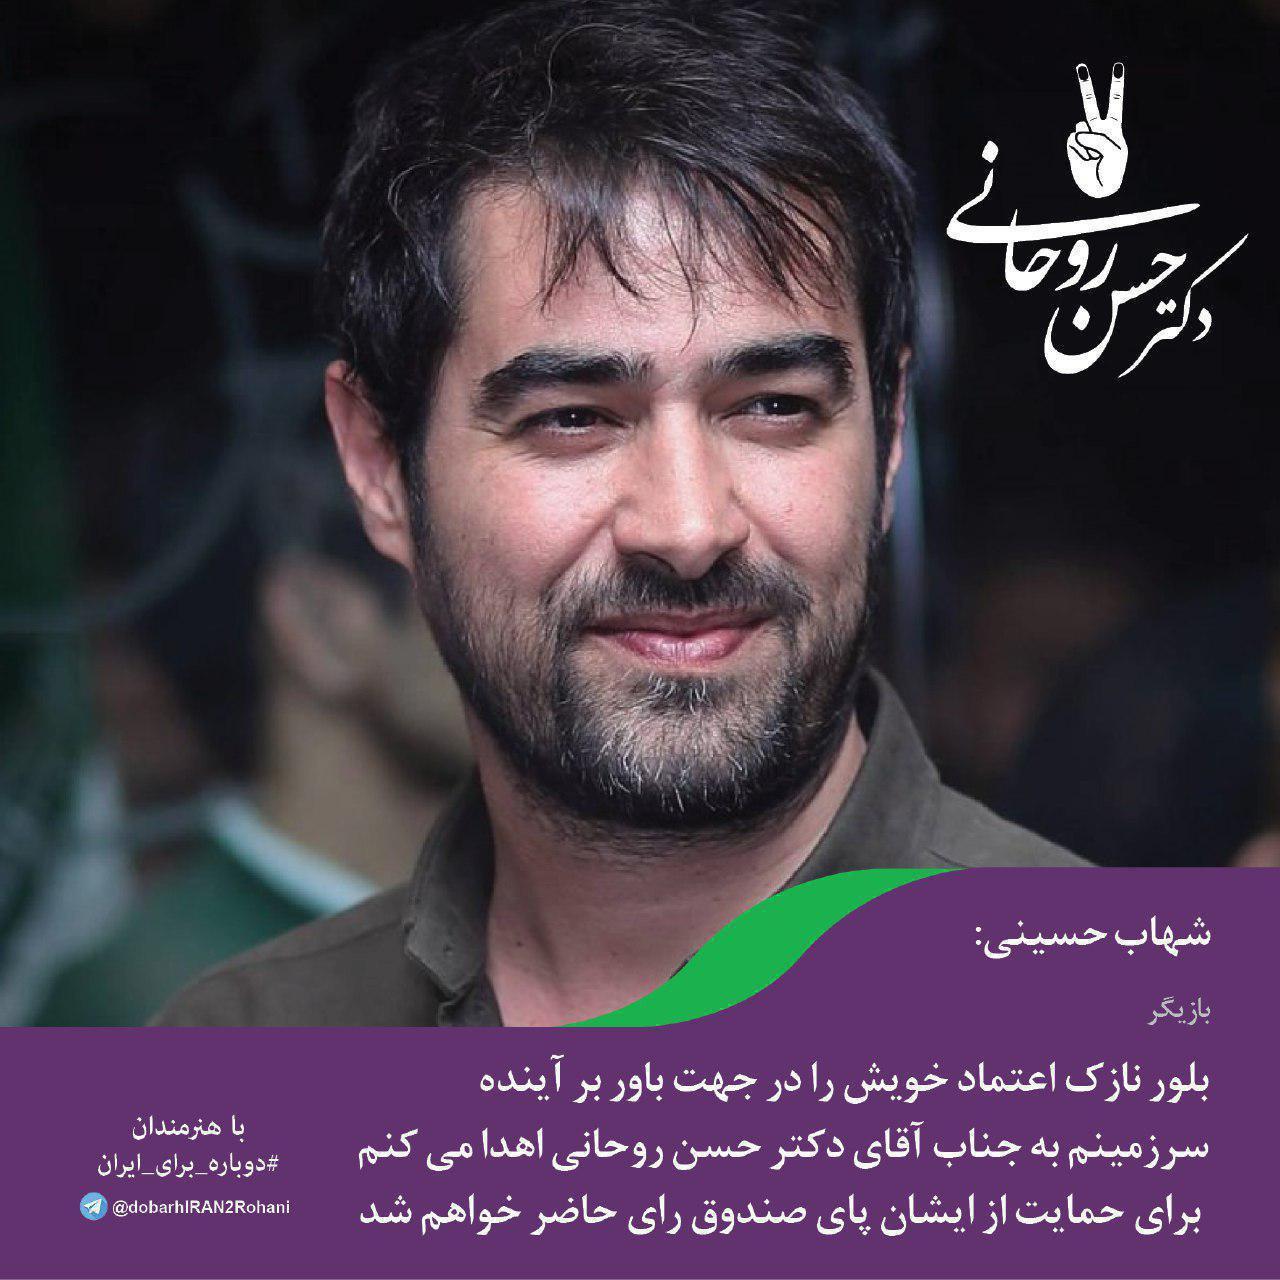 دو نما از حسن روحانی: عکس/شهاب حسینی هم به جمع حامیان انبوه حسن روحانی پیوست